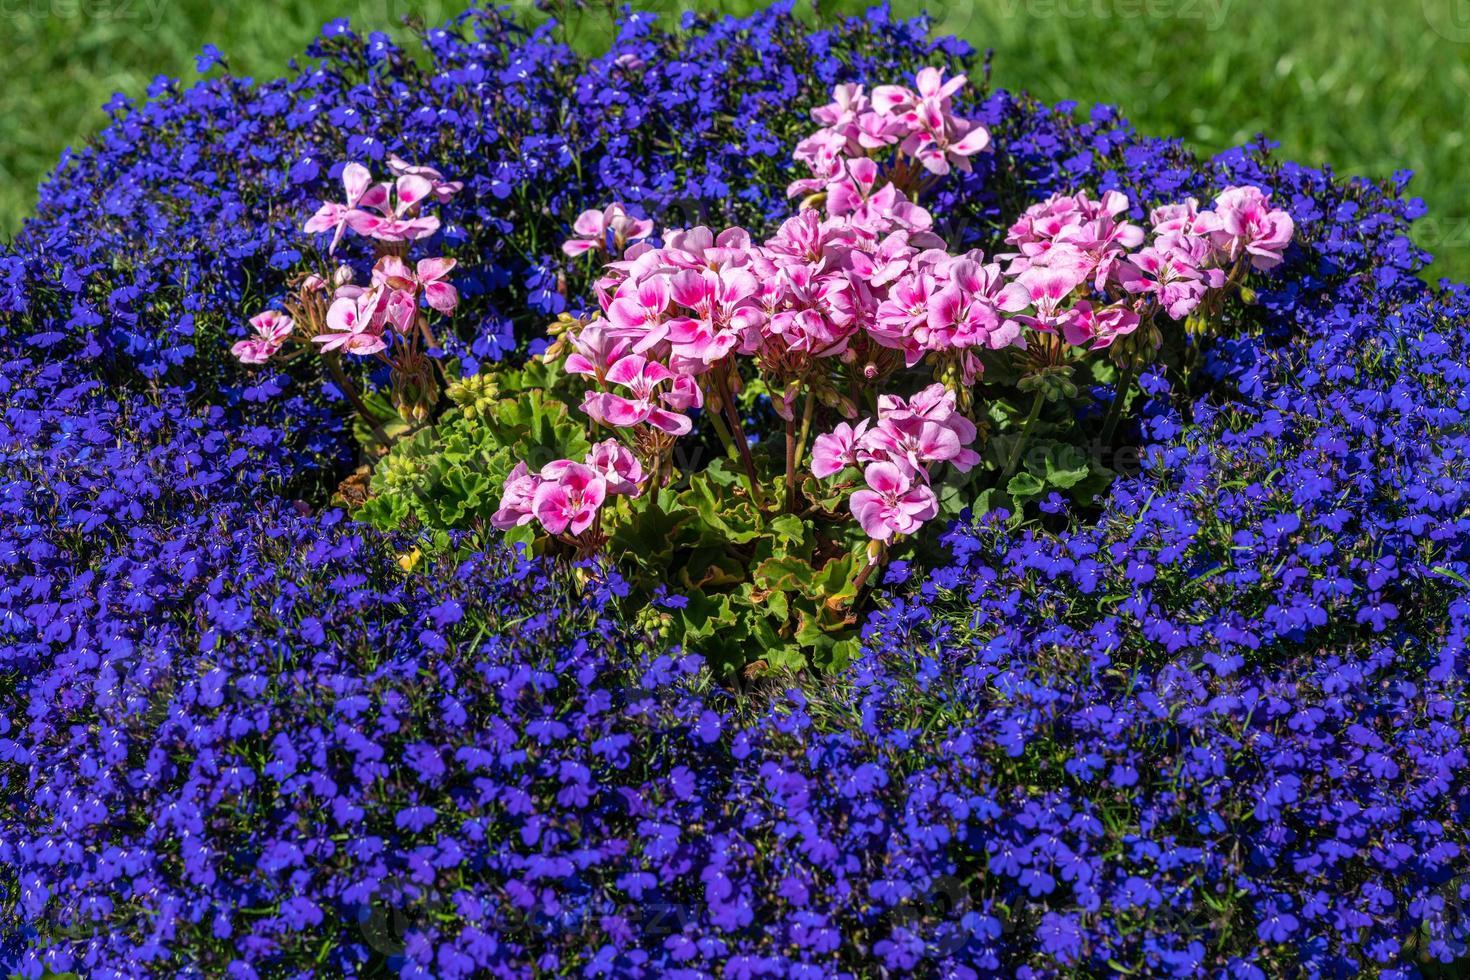 aiuola colorata con fiori rosa e blu foto